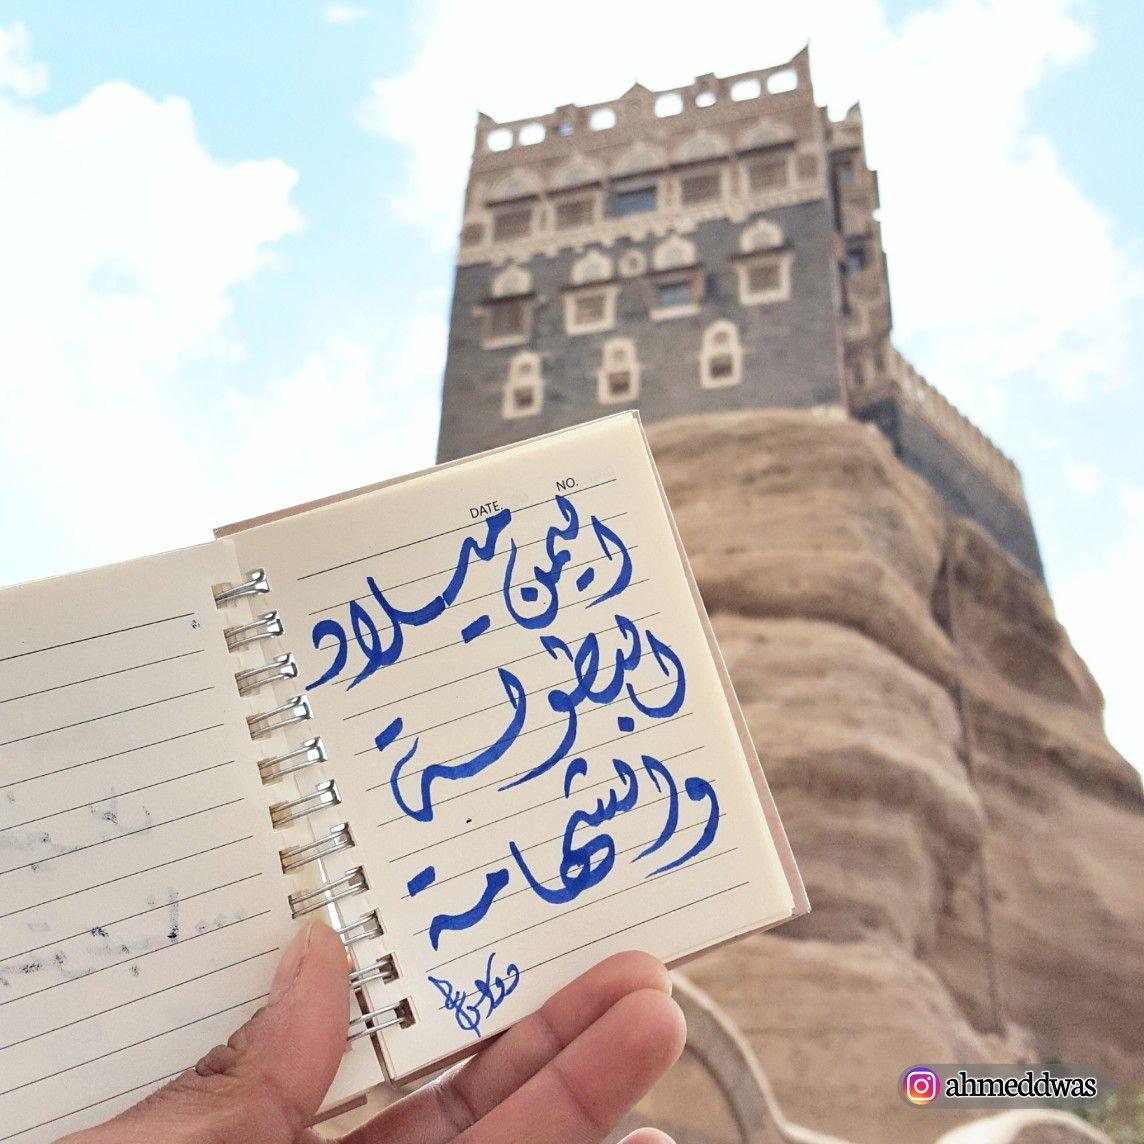 اليمن ميلاد البطولة والشهامة Instagram Instagram Photo Photo And Video